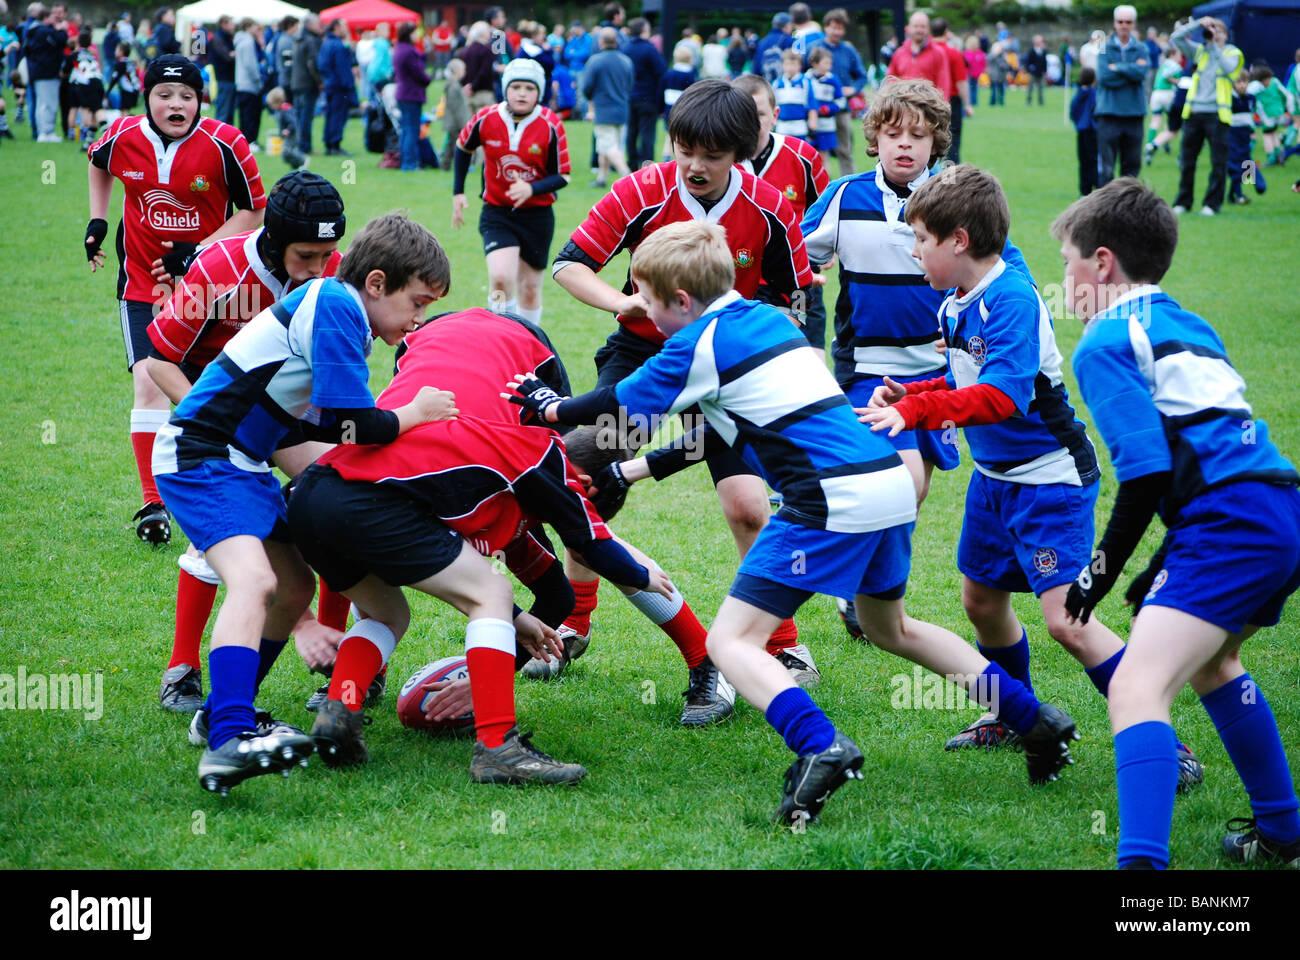 Les jeunes garçons à jouer au rugby Photo Stock